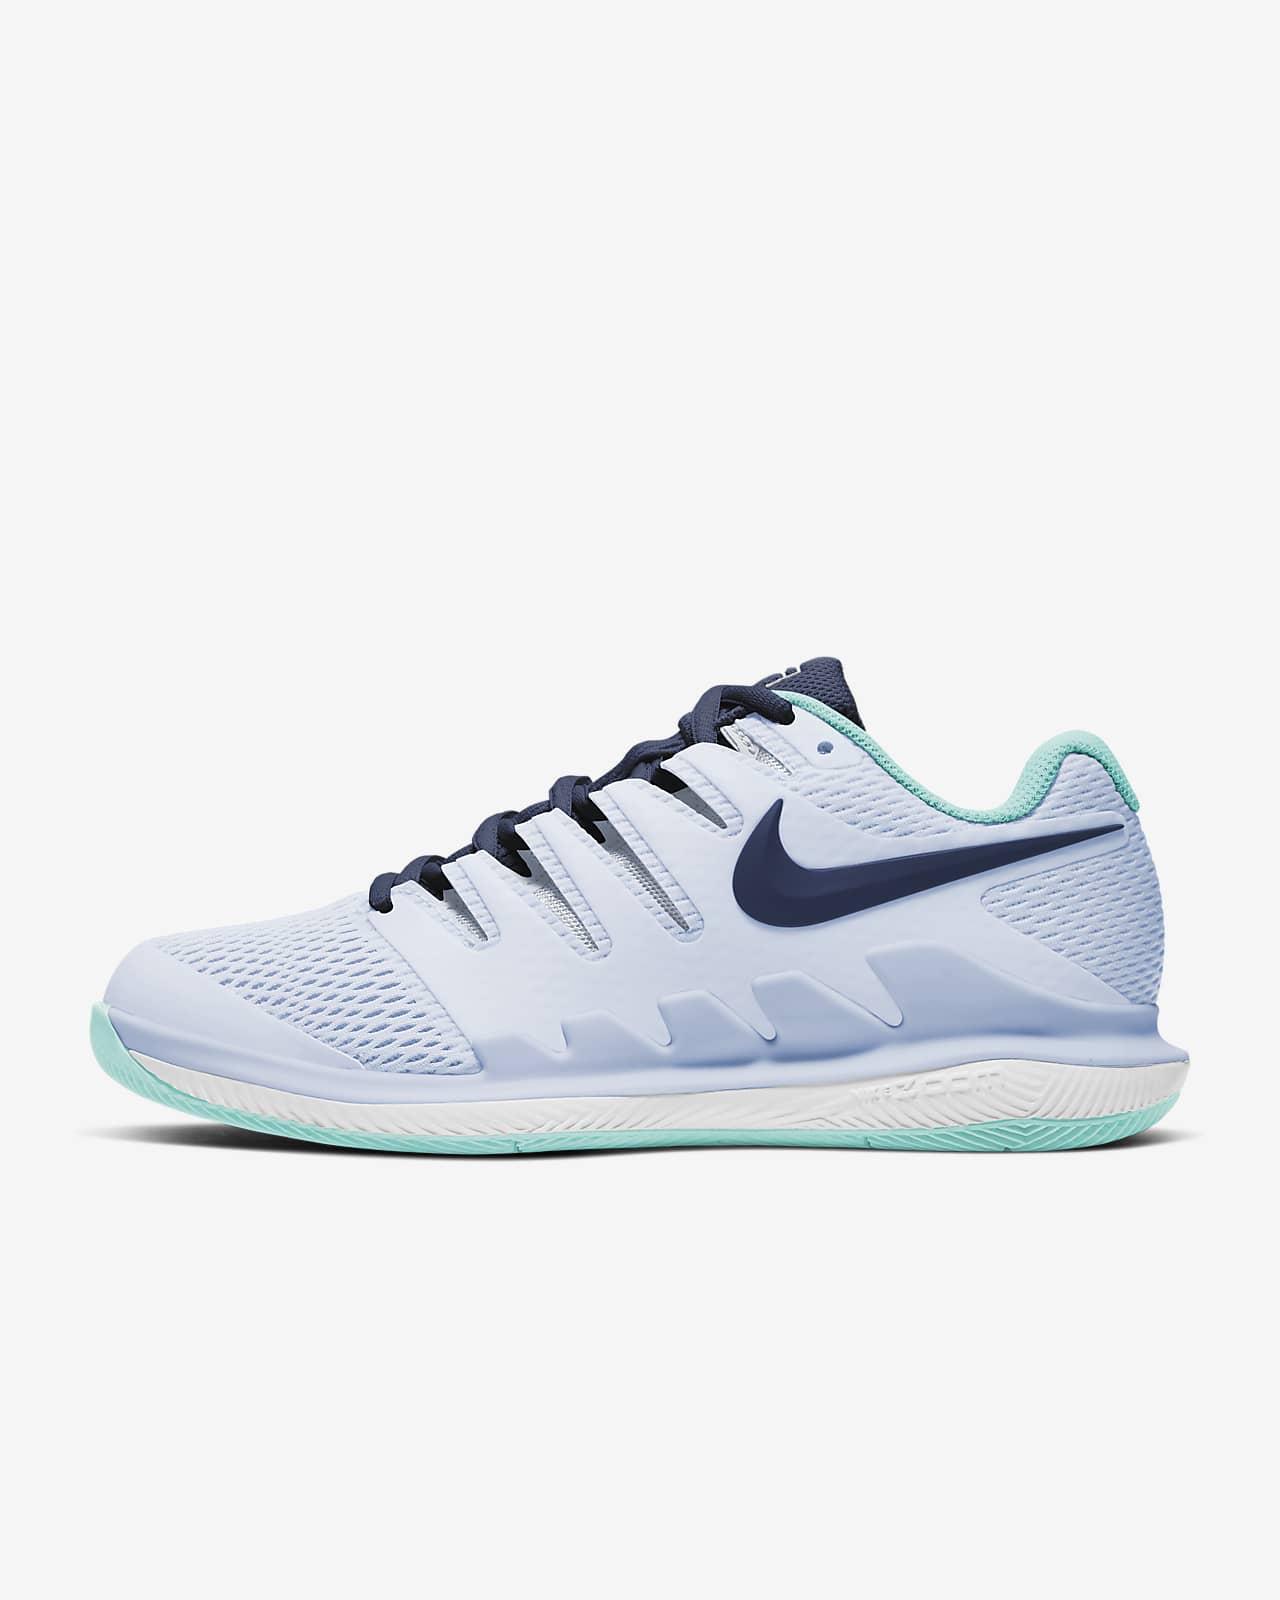 Hard Court Tennis Shoe. Nike LU